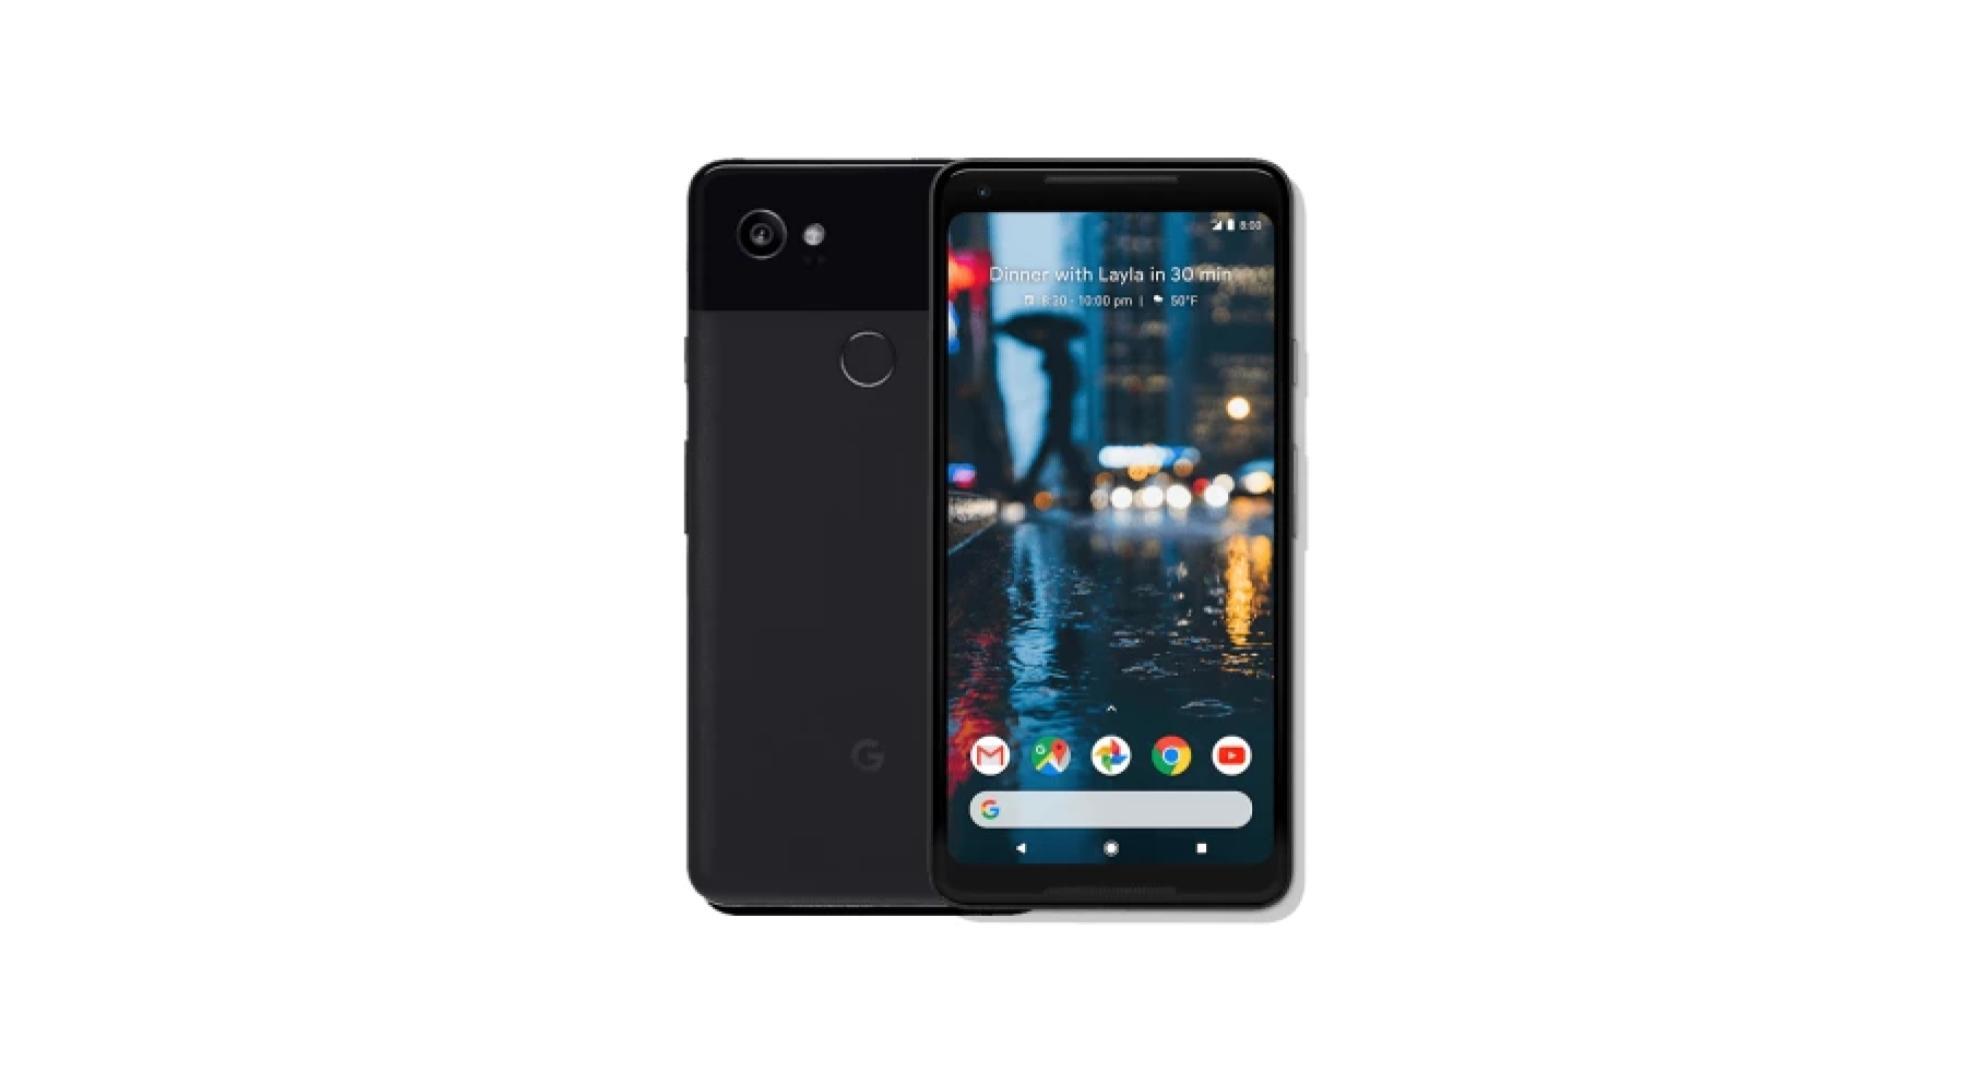 🔥 Bon plan : le Google Pixel 2 XL est disponible à 399 euros sur Rue du Commerce